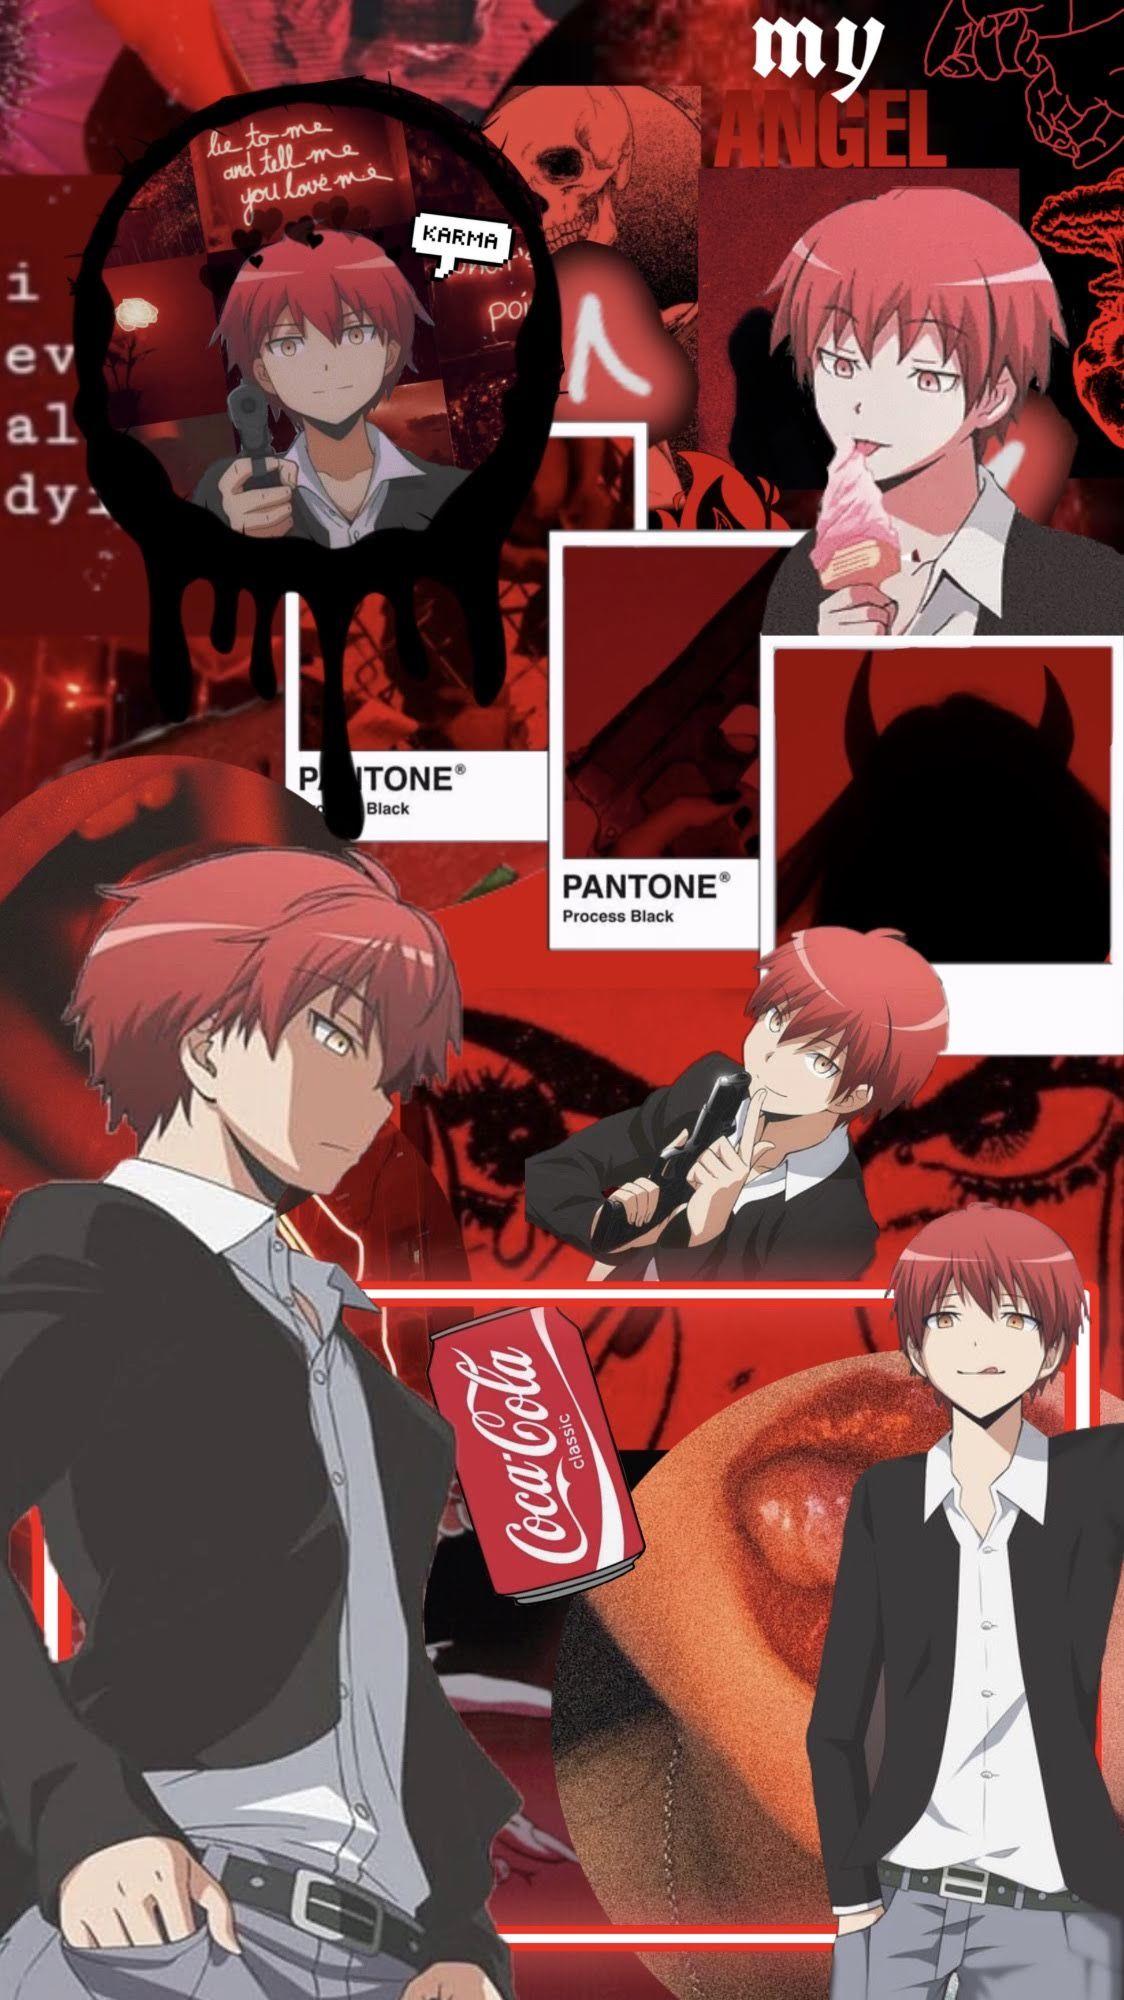 Karma Akabane Wallpaper Anime Anime Wallpaper Karma Akabane